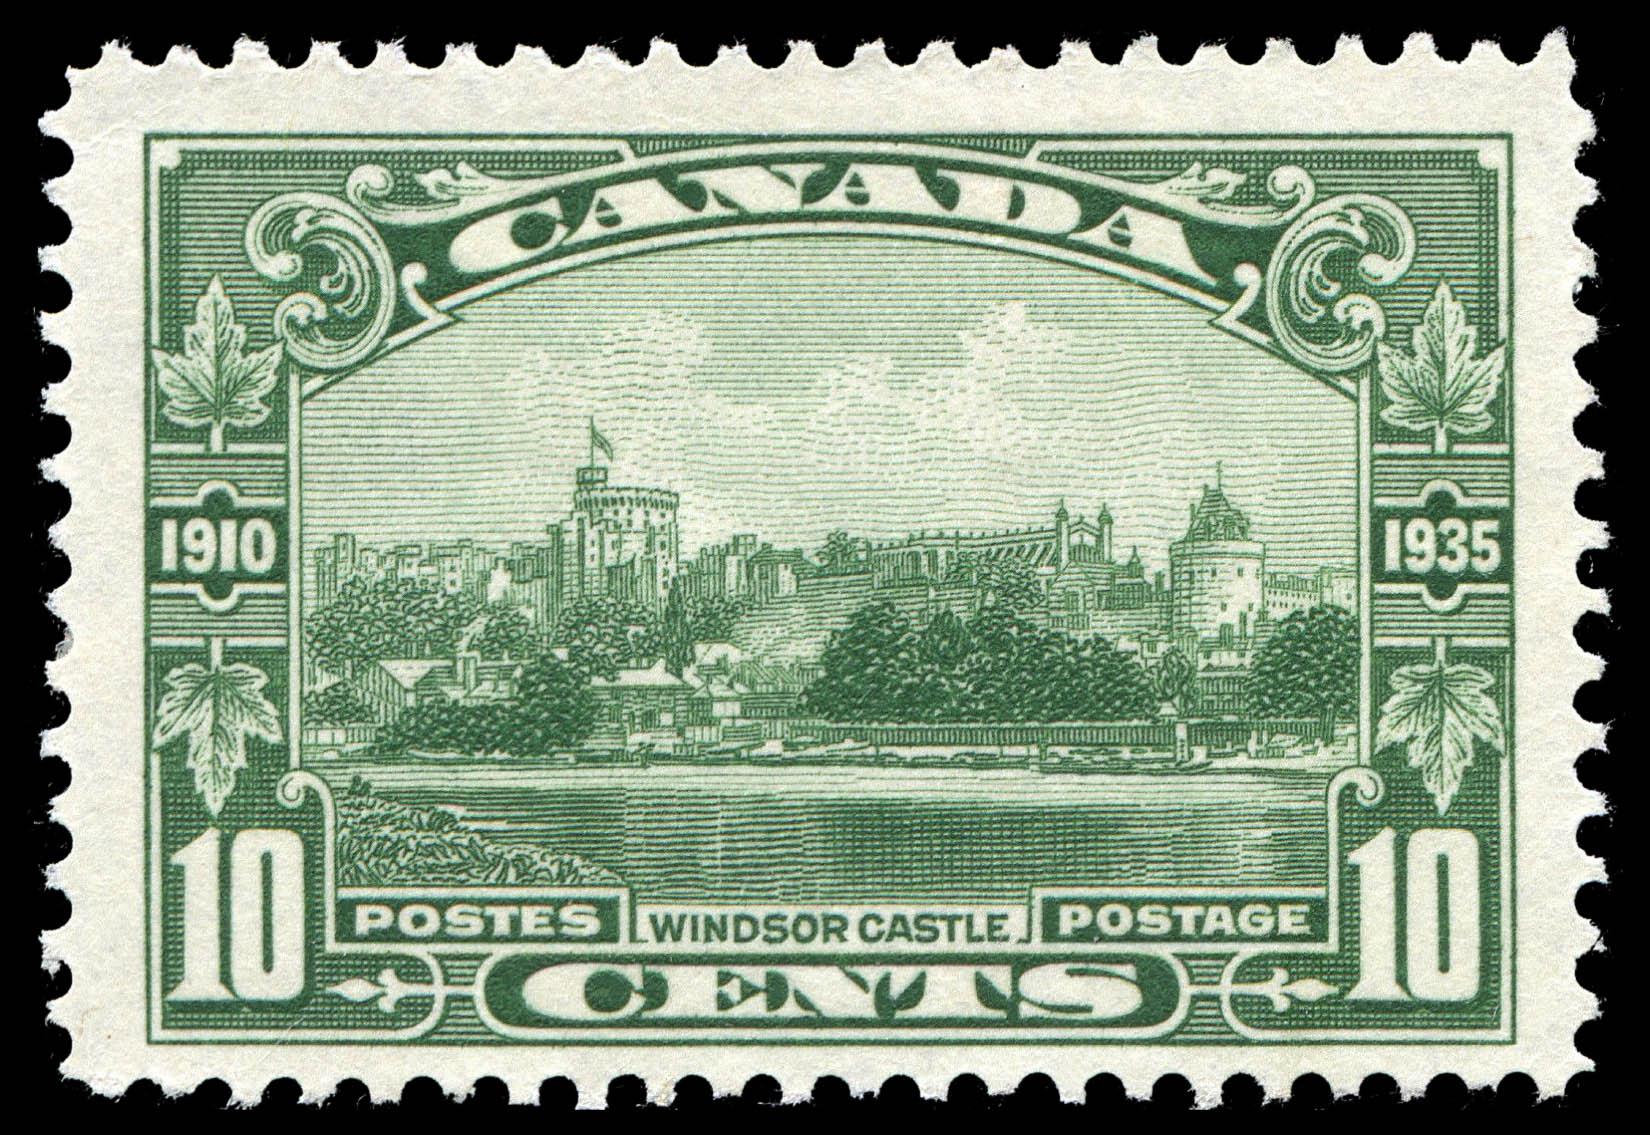 Windsor Castle Canada Postage Stamp